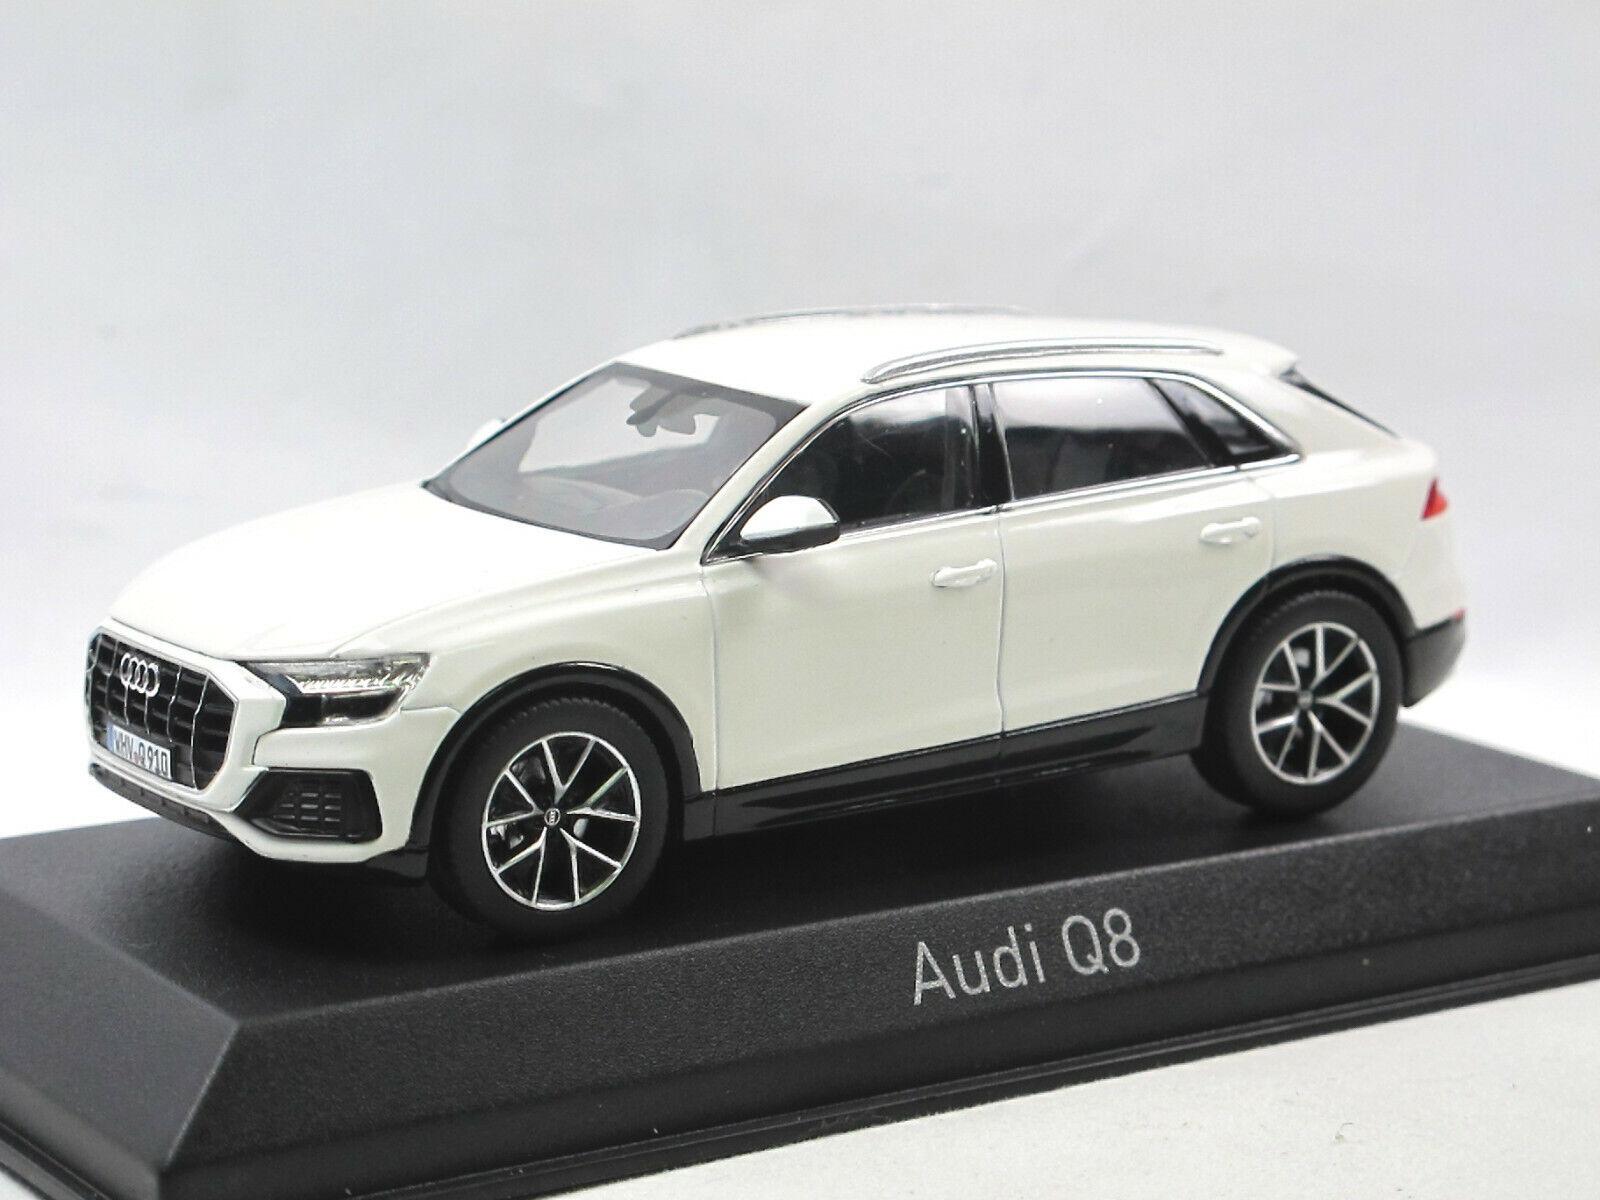 NOREV 830040 - 2018 Audi q8-Blanc-Détaillé Voiture Miniature 1 43